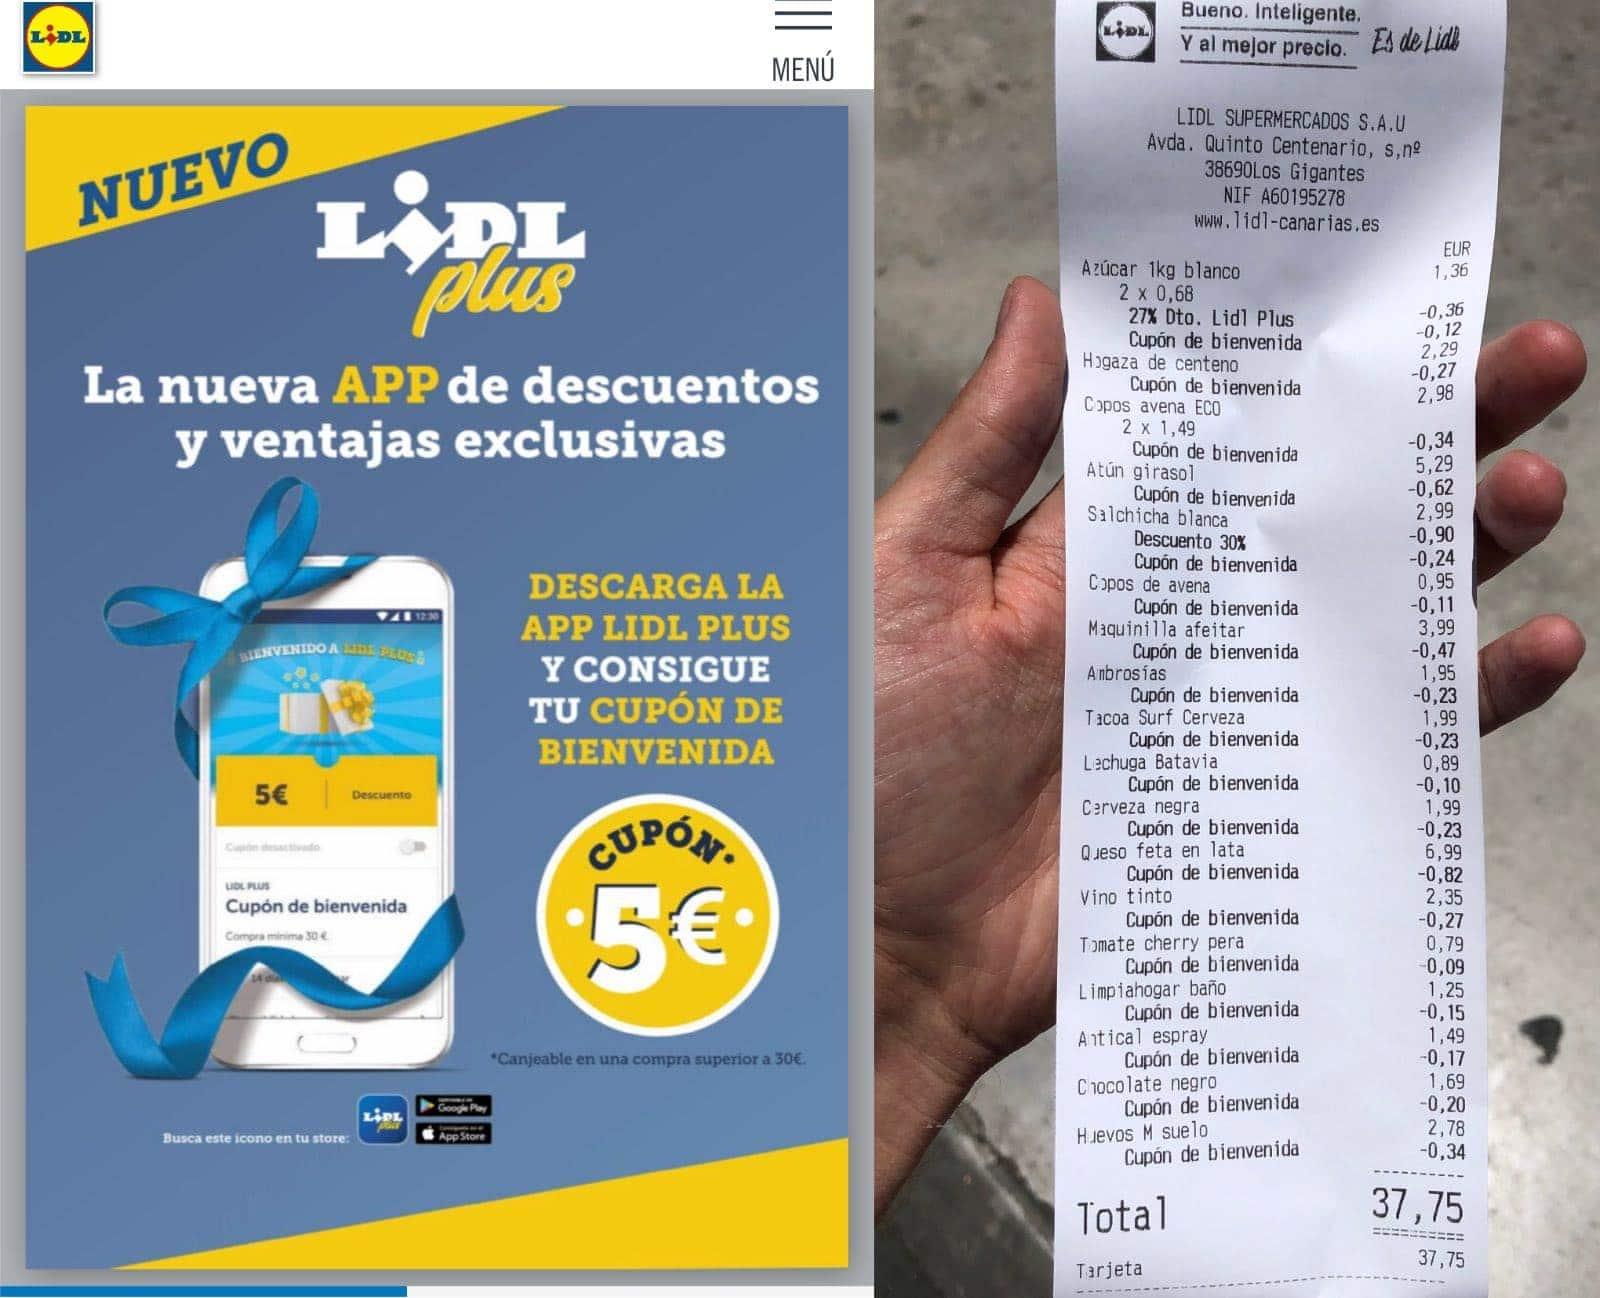 Купон €5 в испанском Lidl